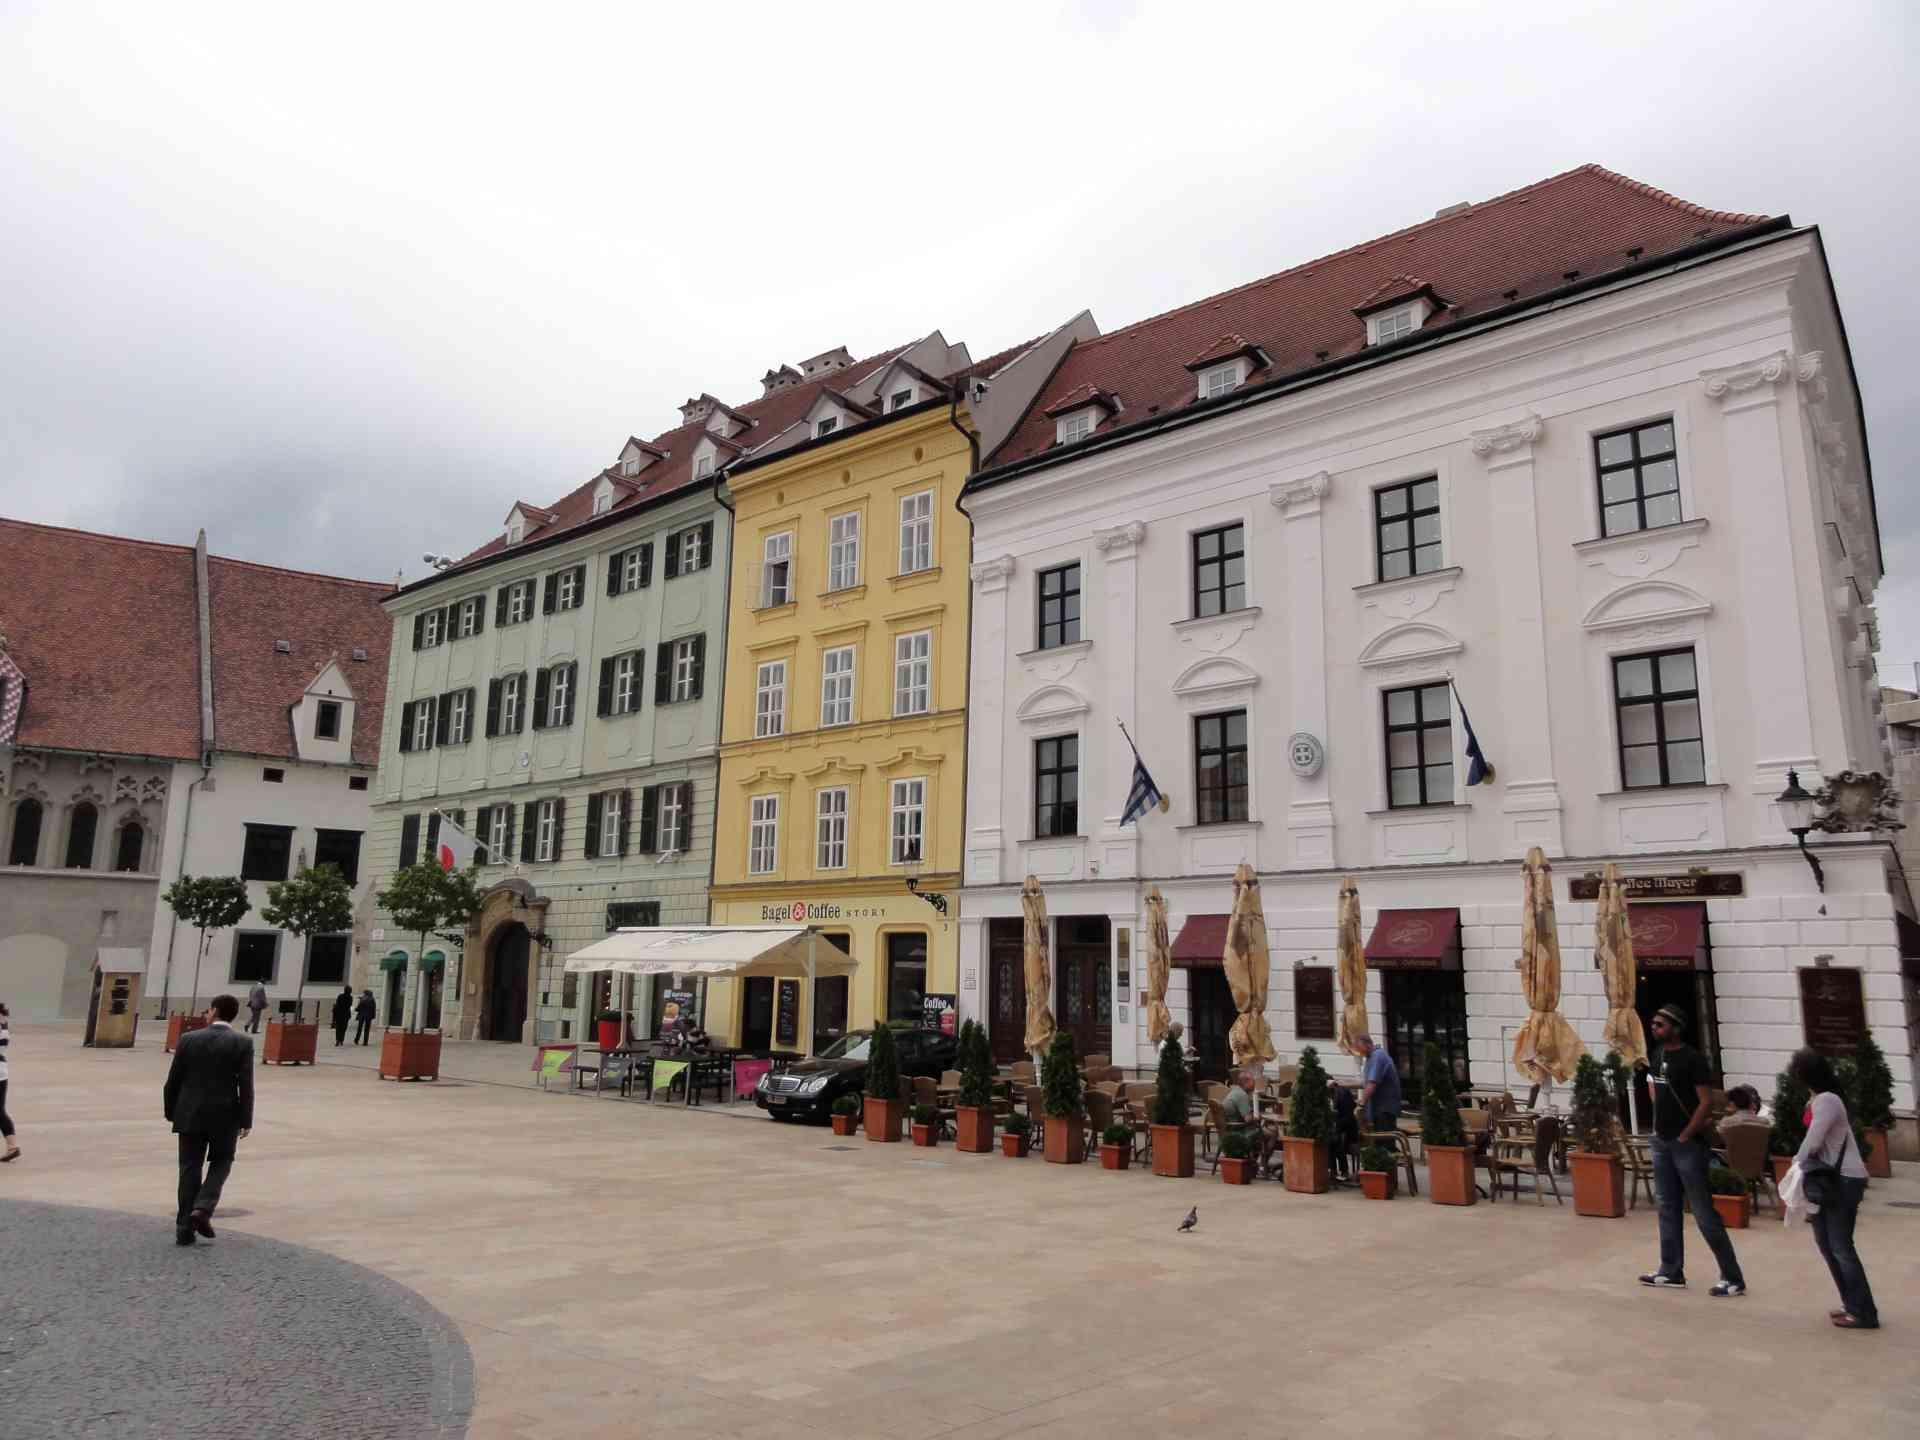 Bratislava, Slovakia by Jeremy van Heerde